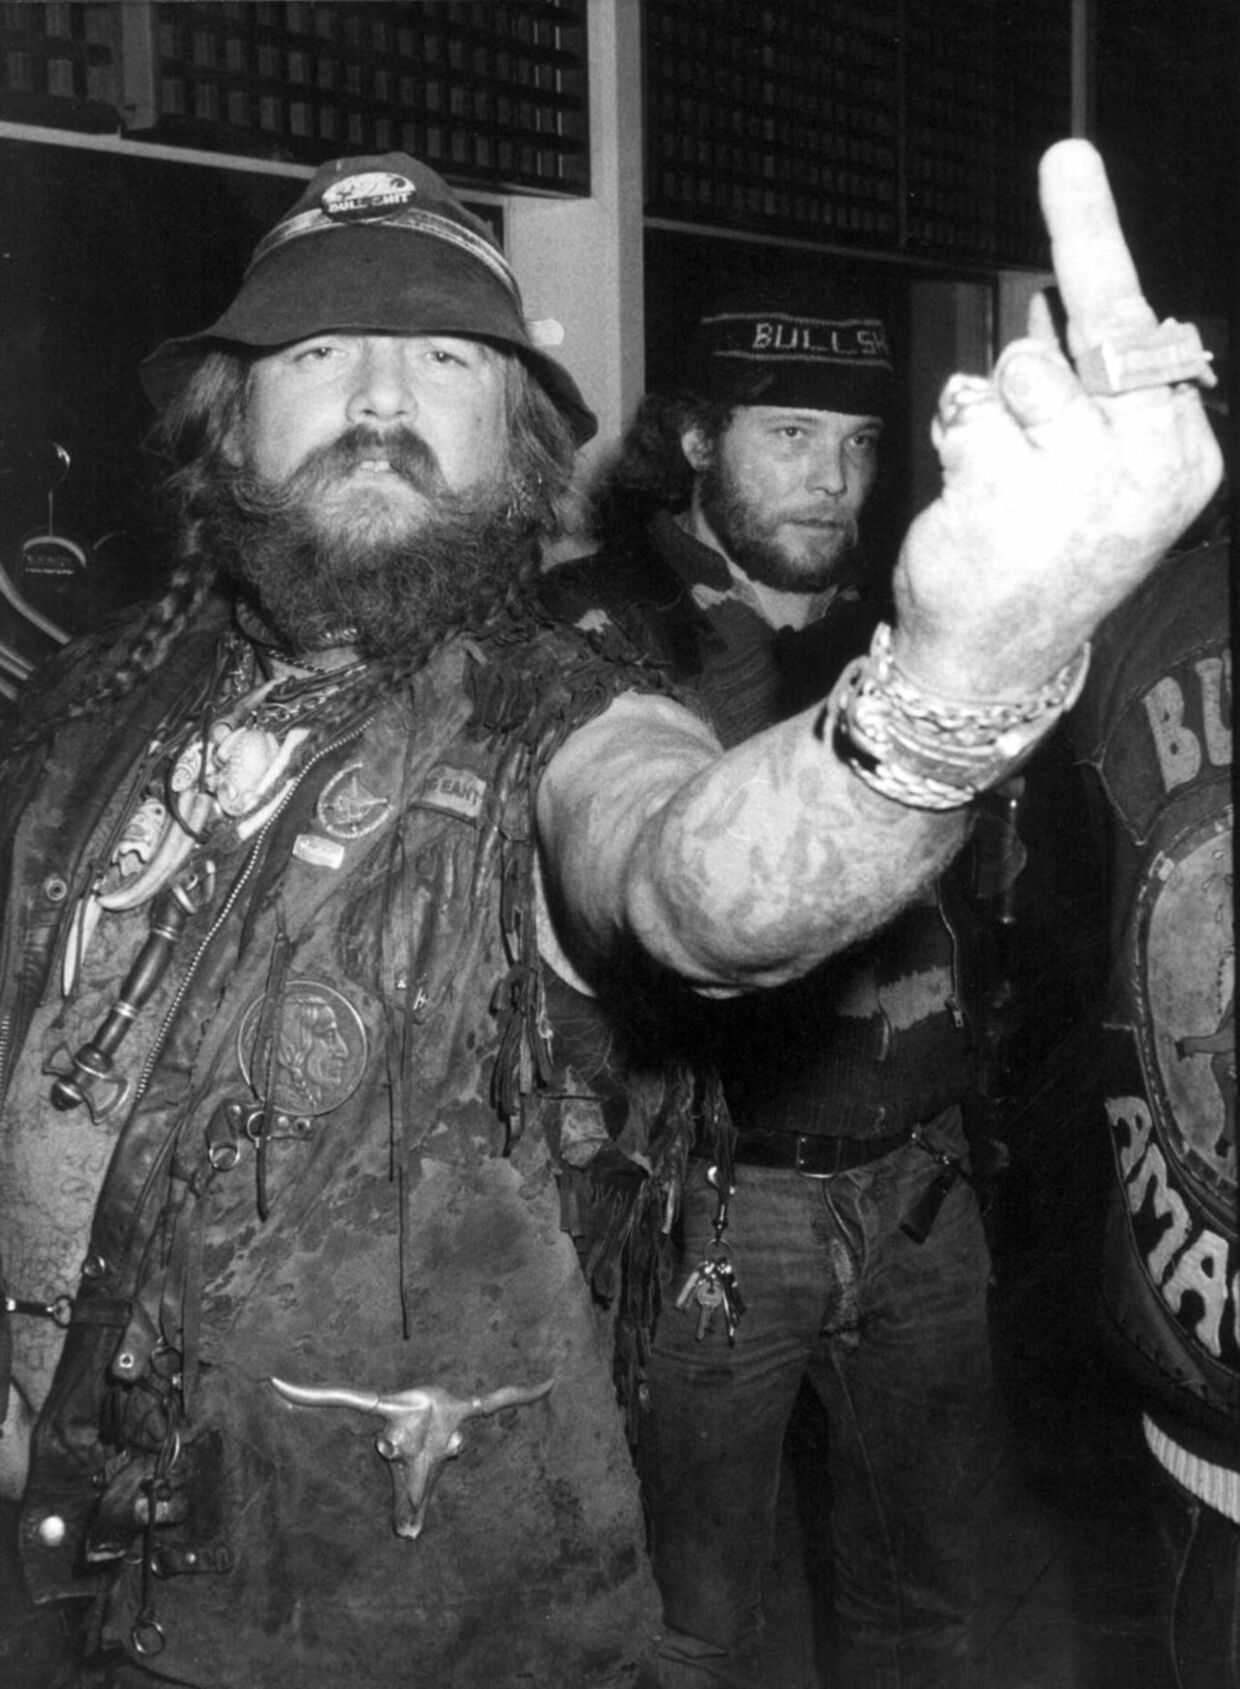 Bullshit-rockeren Anker Walter Markus alias Høvding.